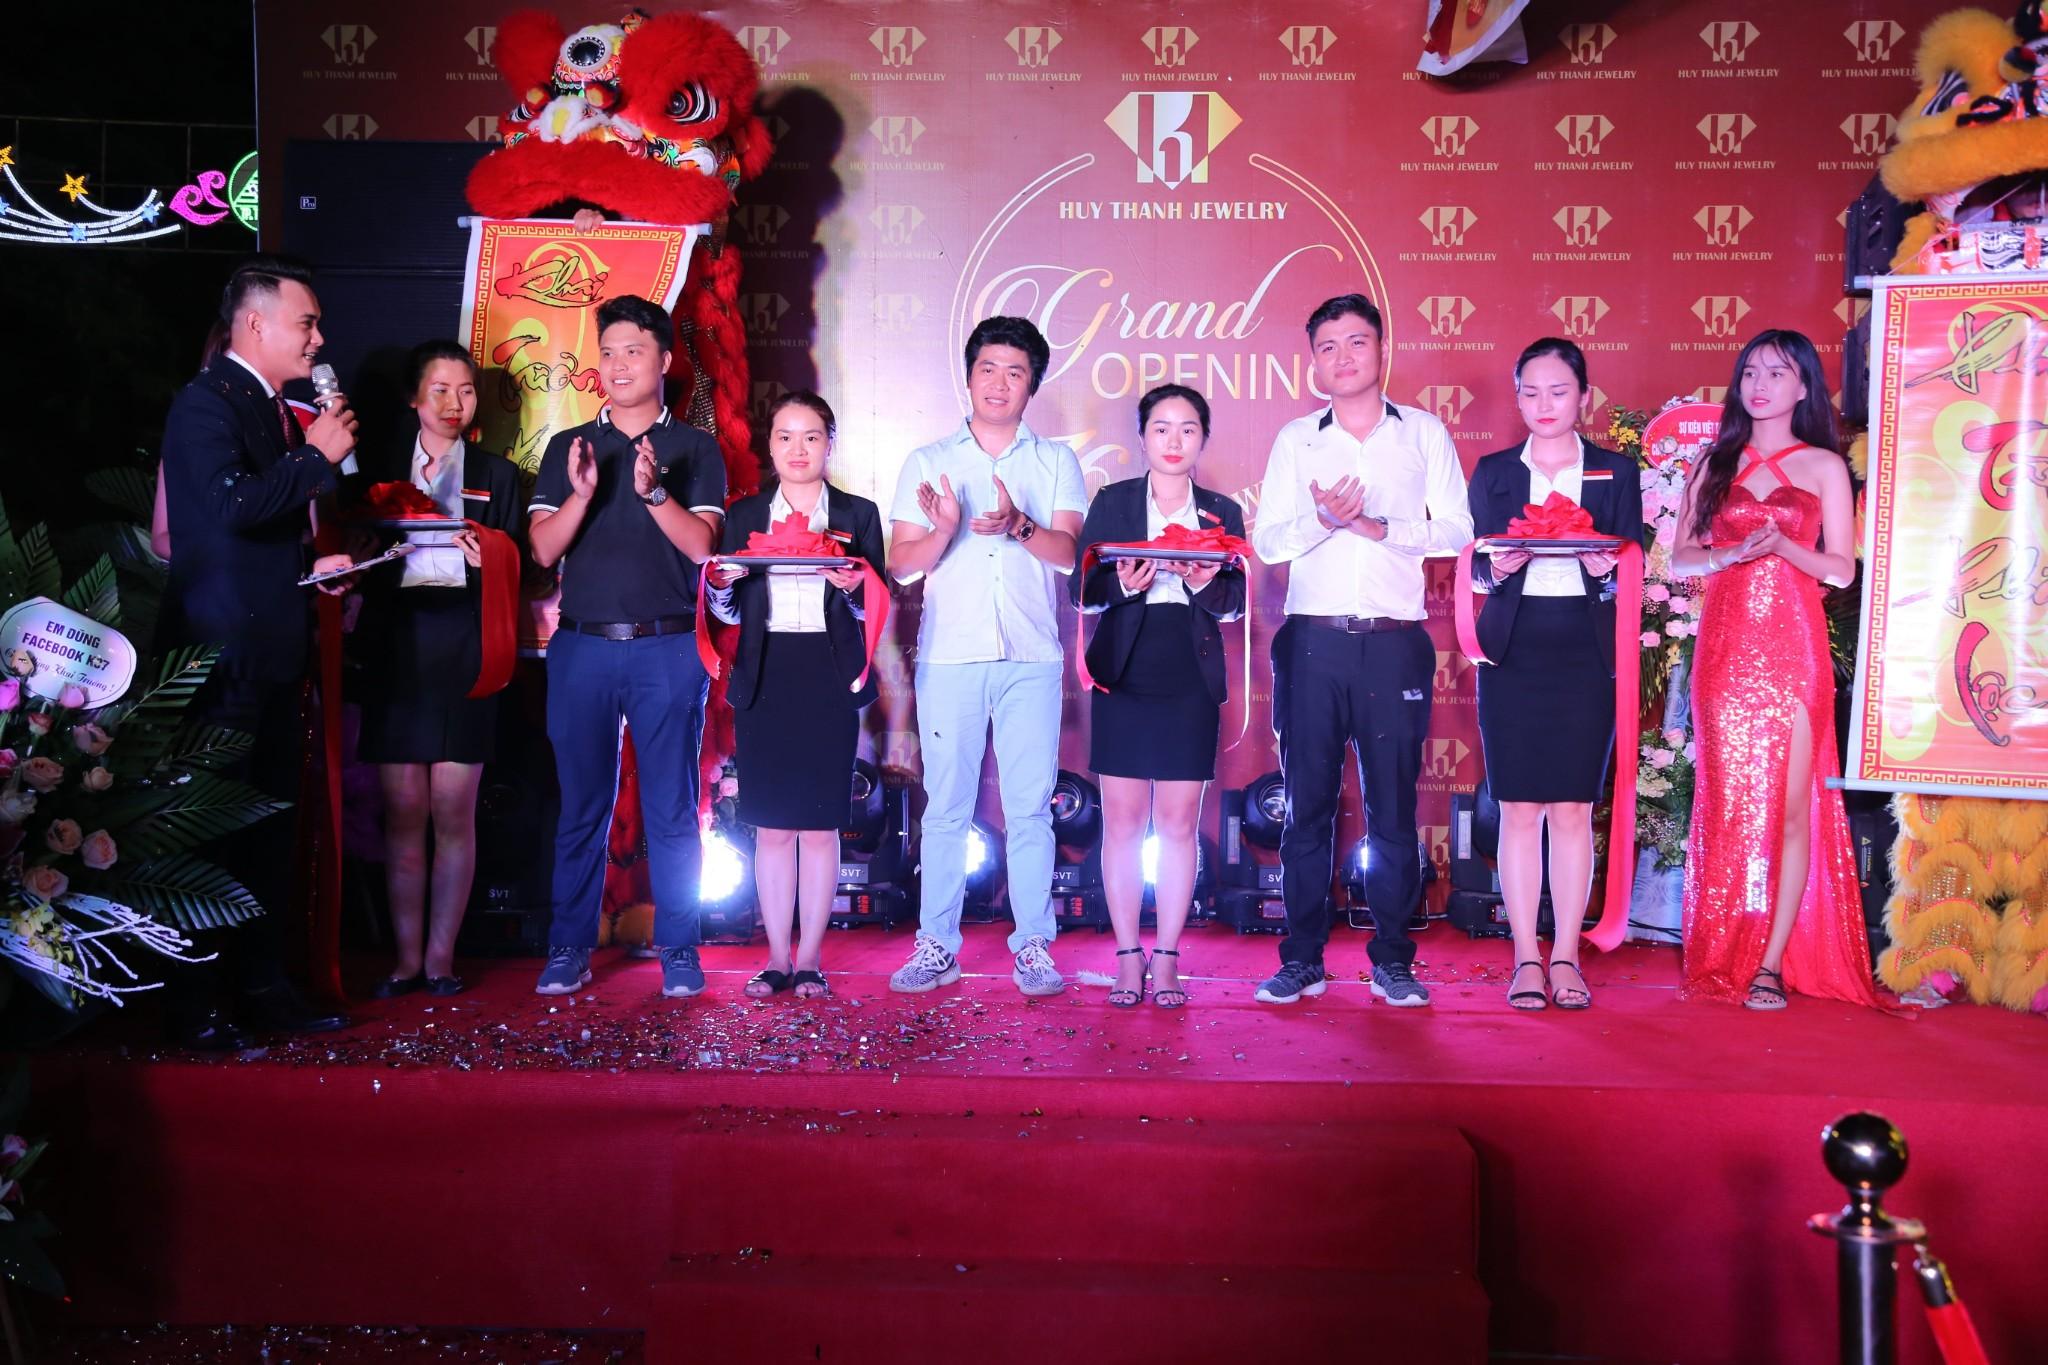 Giới trẻ Thái Nguyên háo hức chào đón sự kiện khai trương Huy Thanh Jewelry - Ảnh 1.